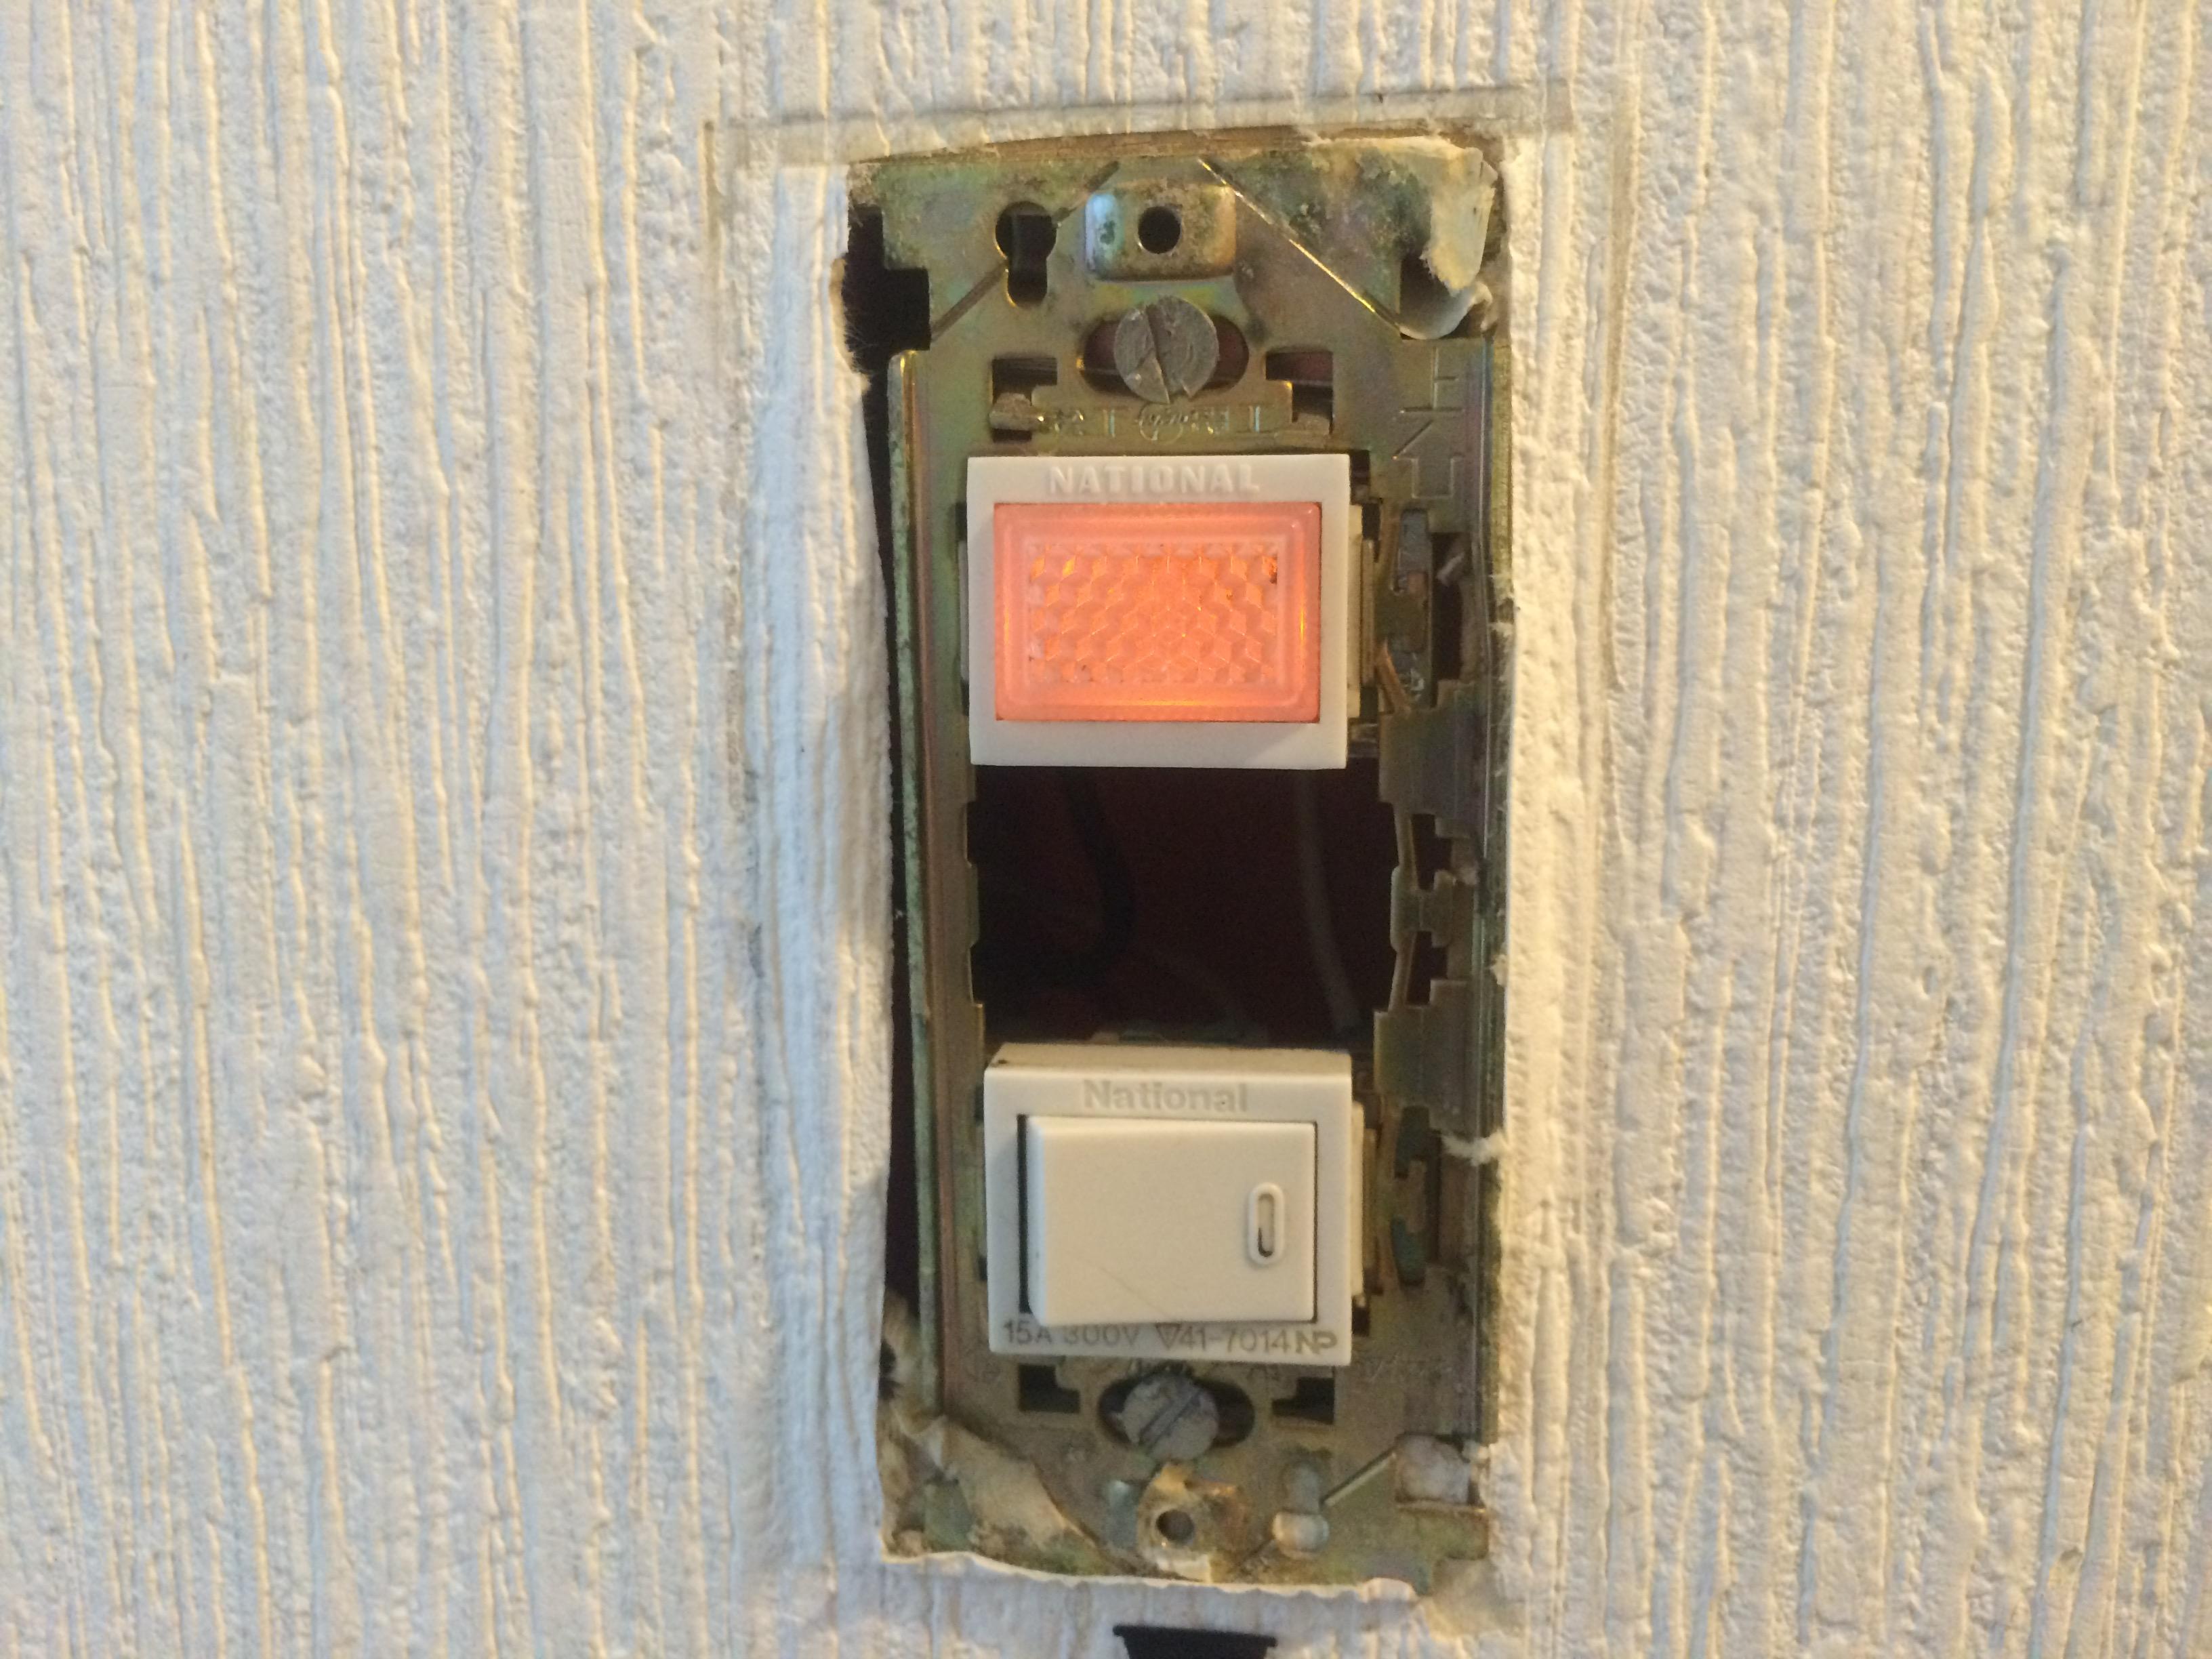 地味すぎる電気スイッチ、カバーを交換しておしゃれにしませんか?